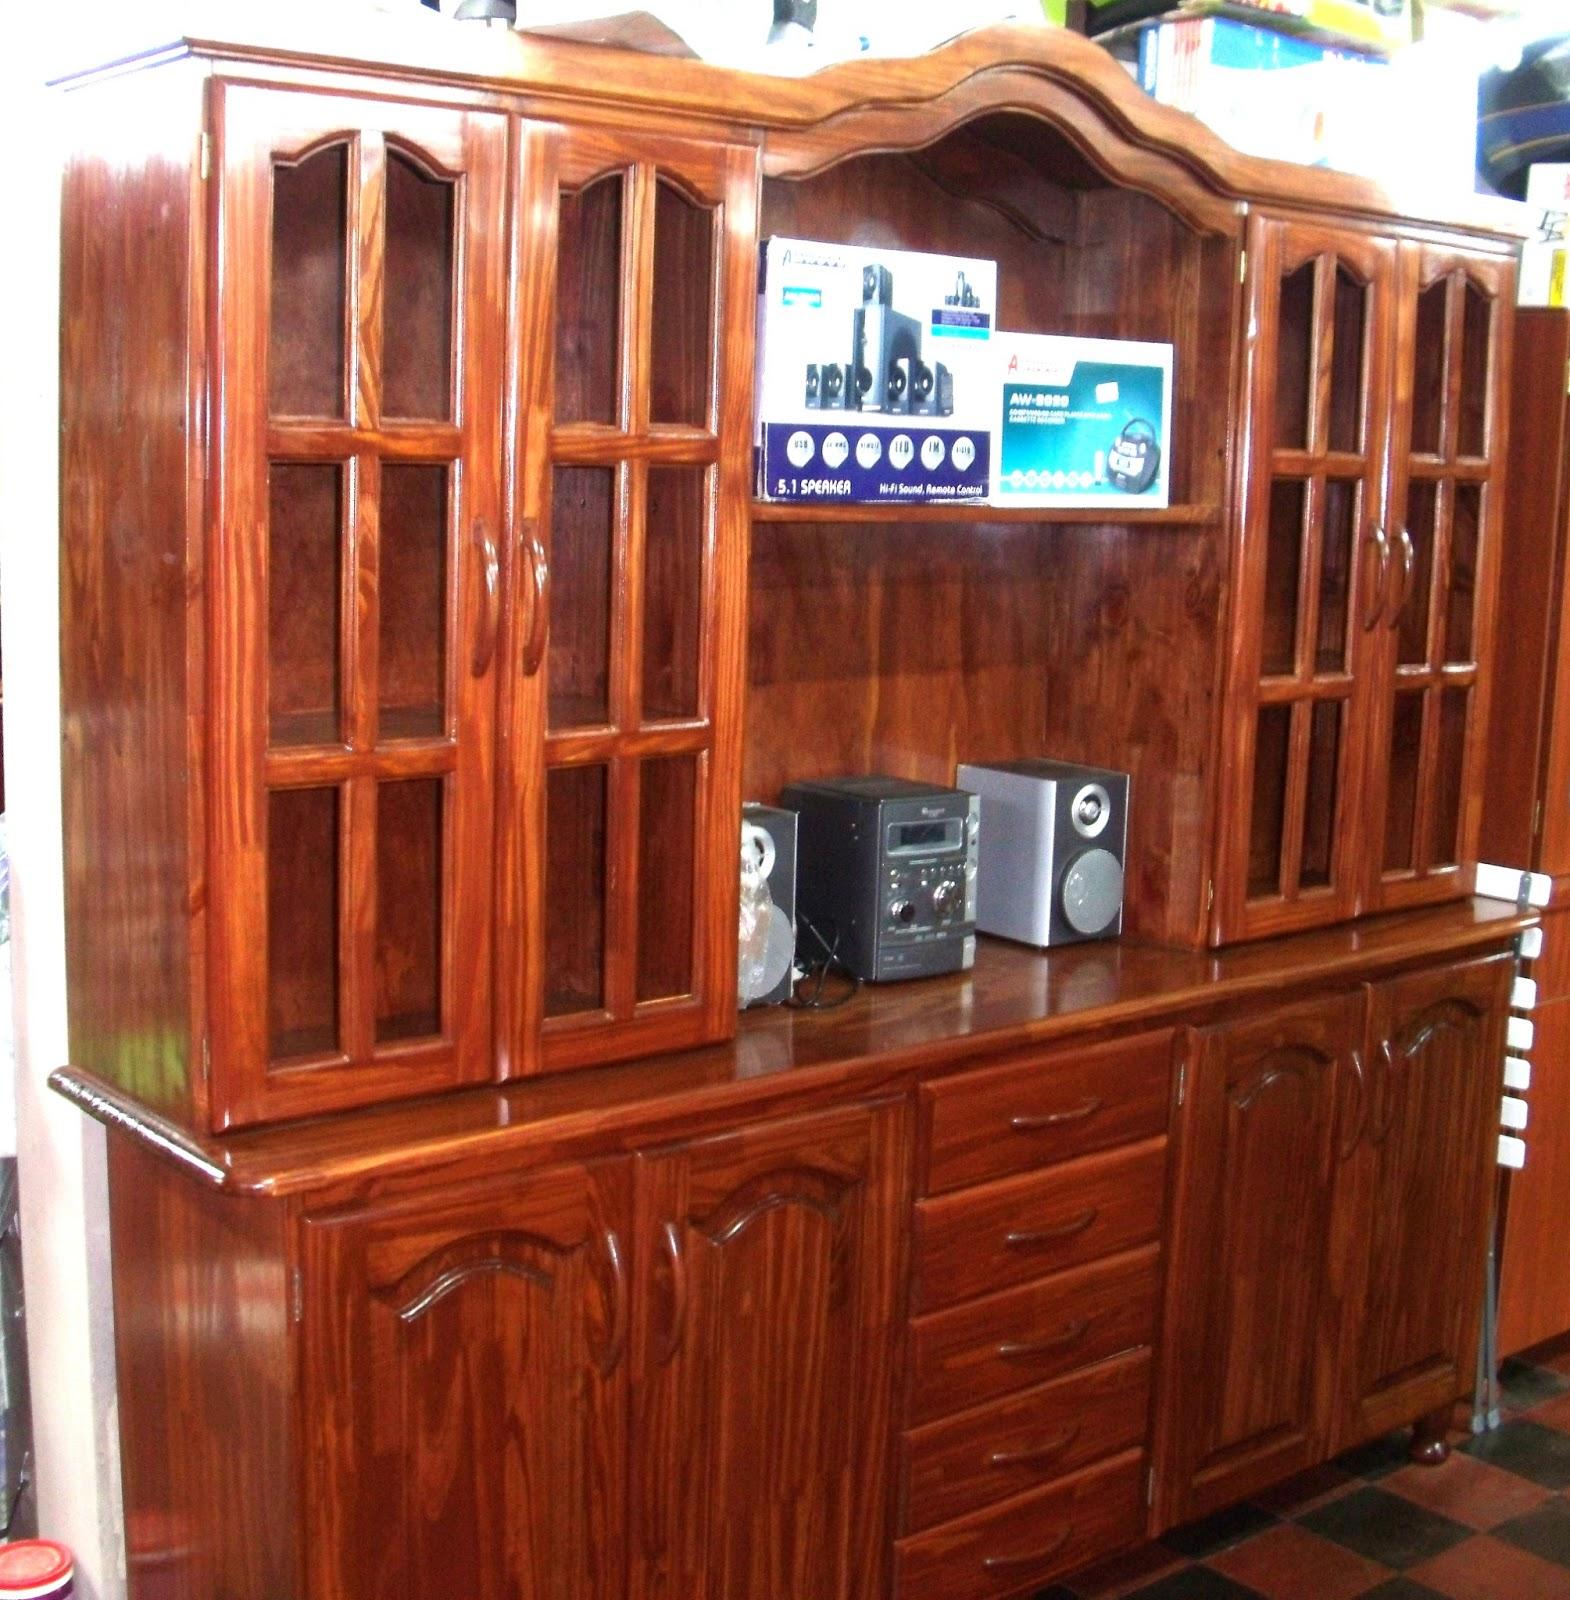 Hogar y vivienda muebleria vera aparadores alacenas - Aparadores para cocina ...